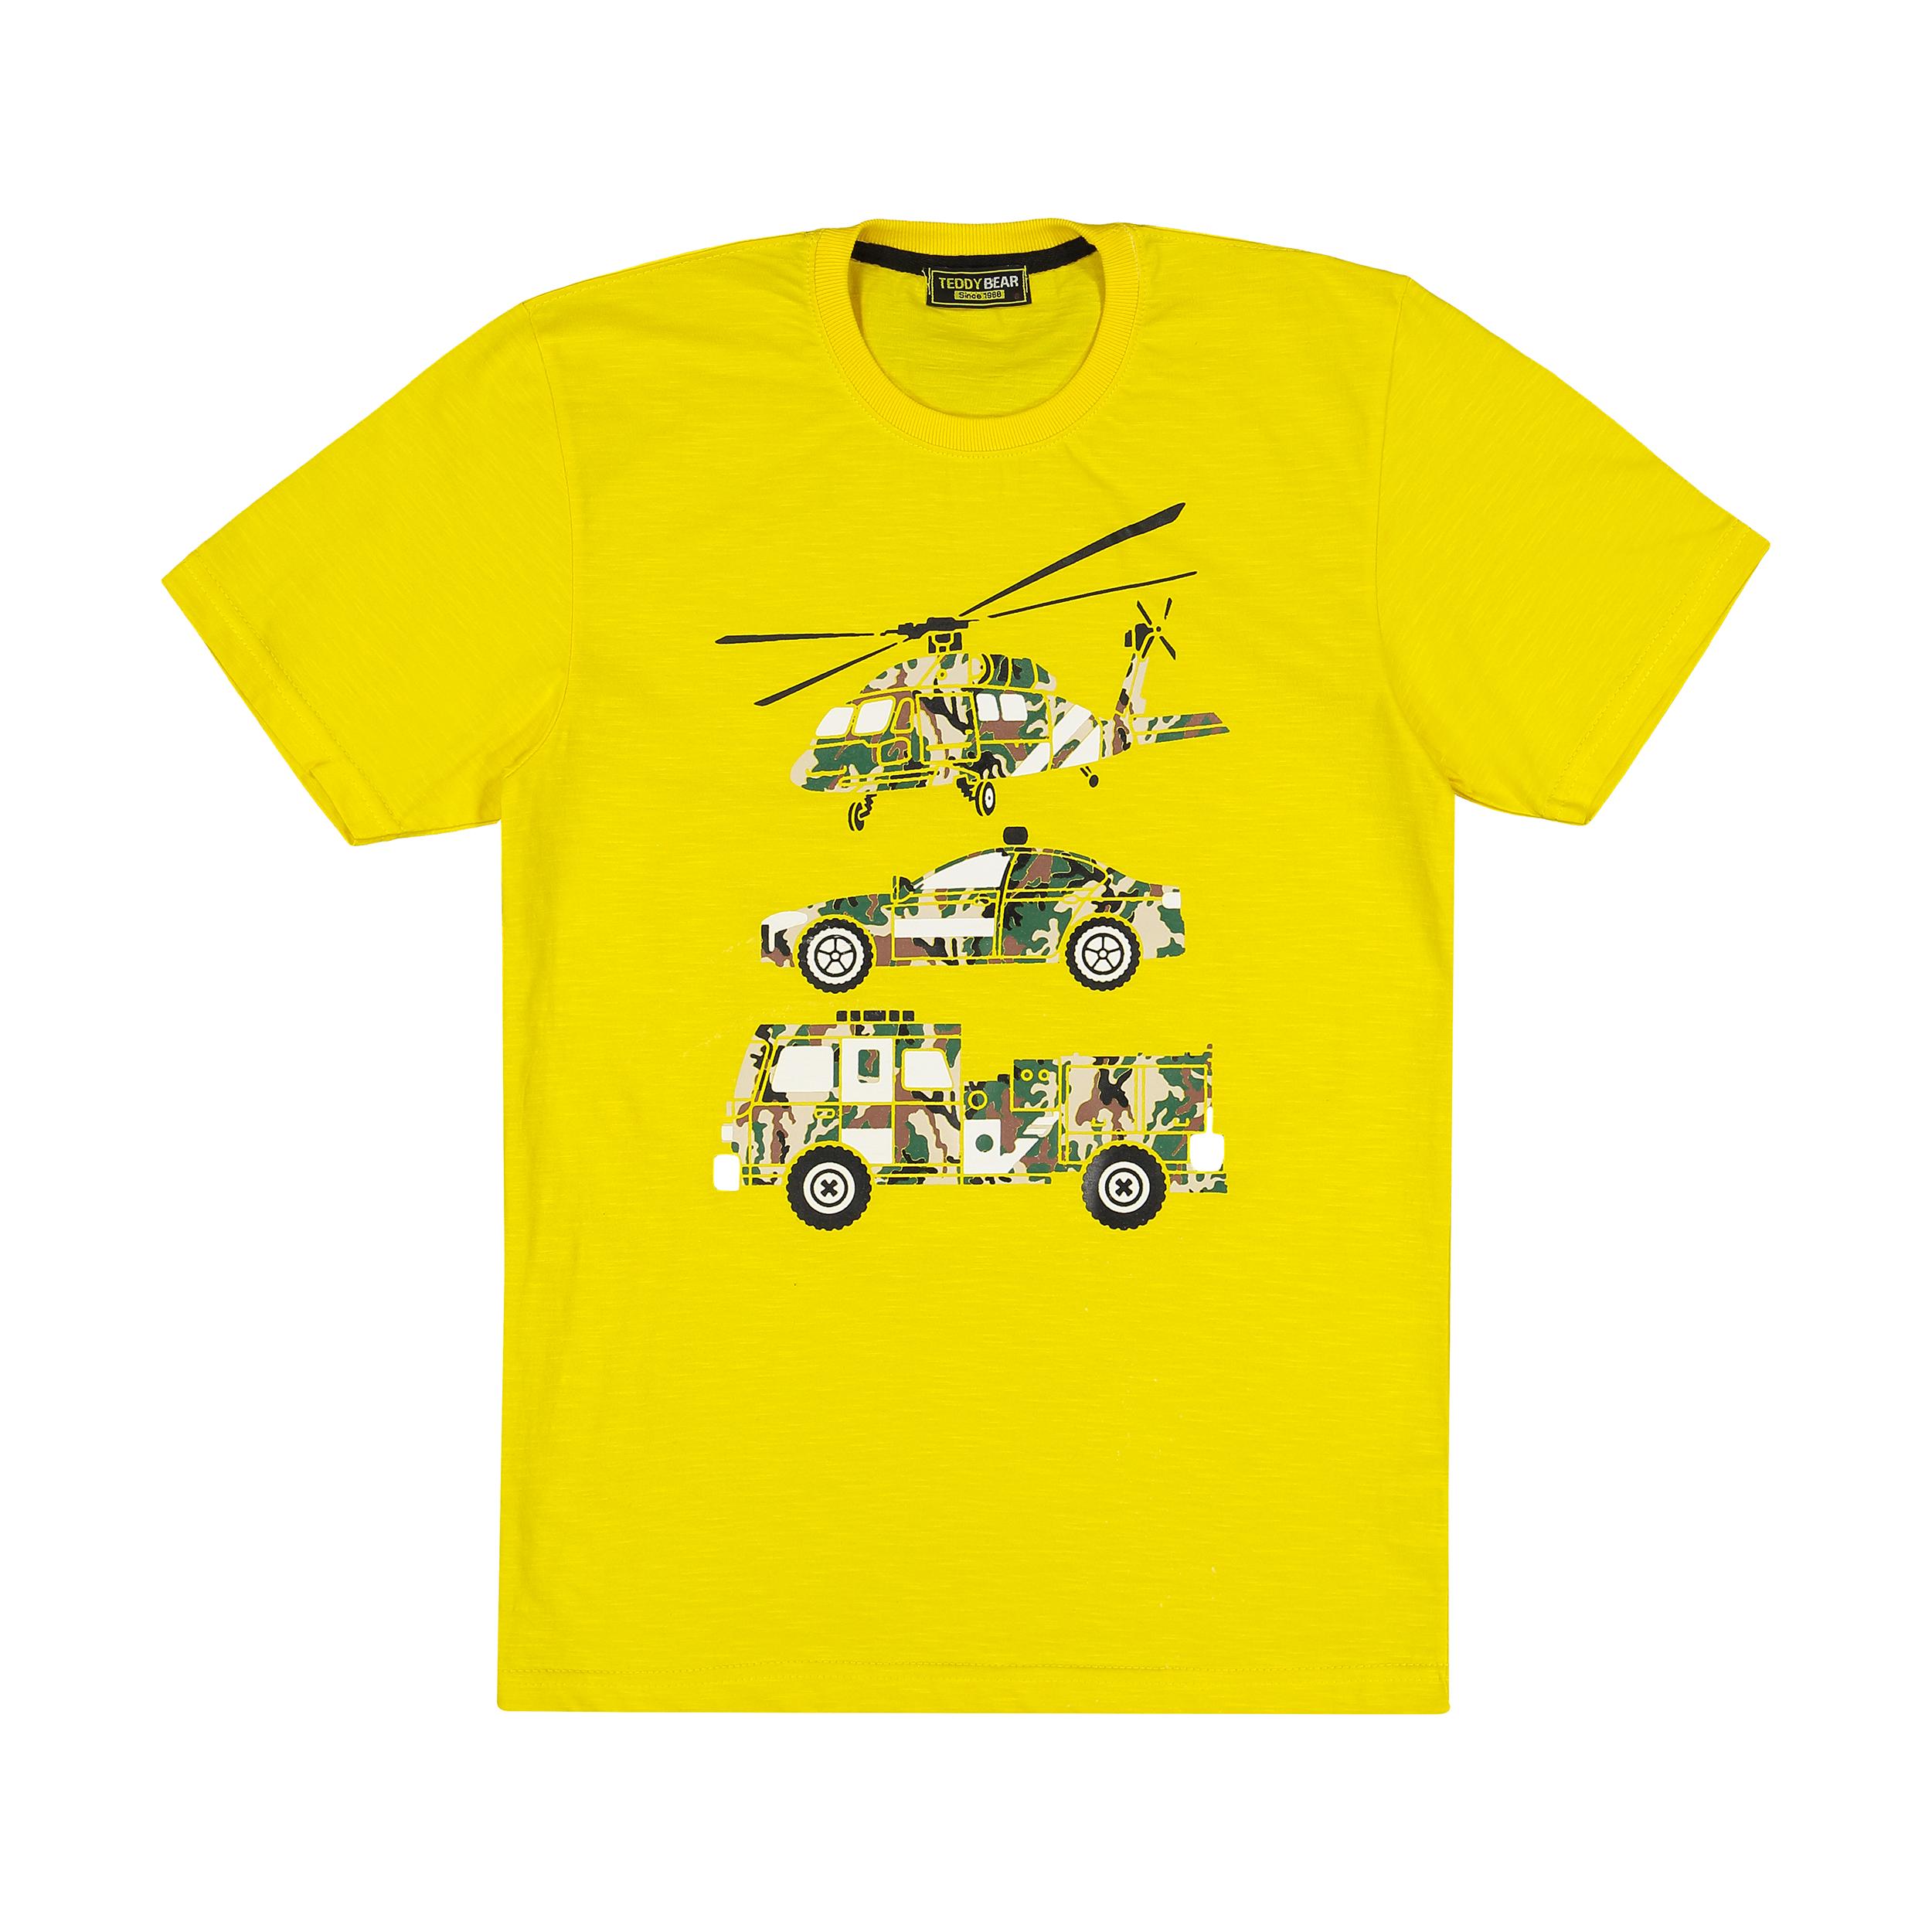 تی شرت پسرانه خرس کوچولو مدل 2011132-16